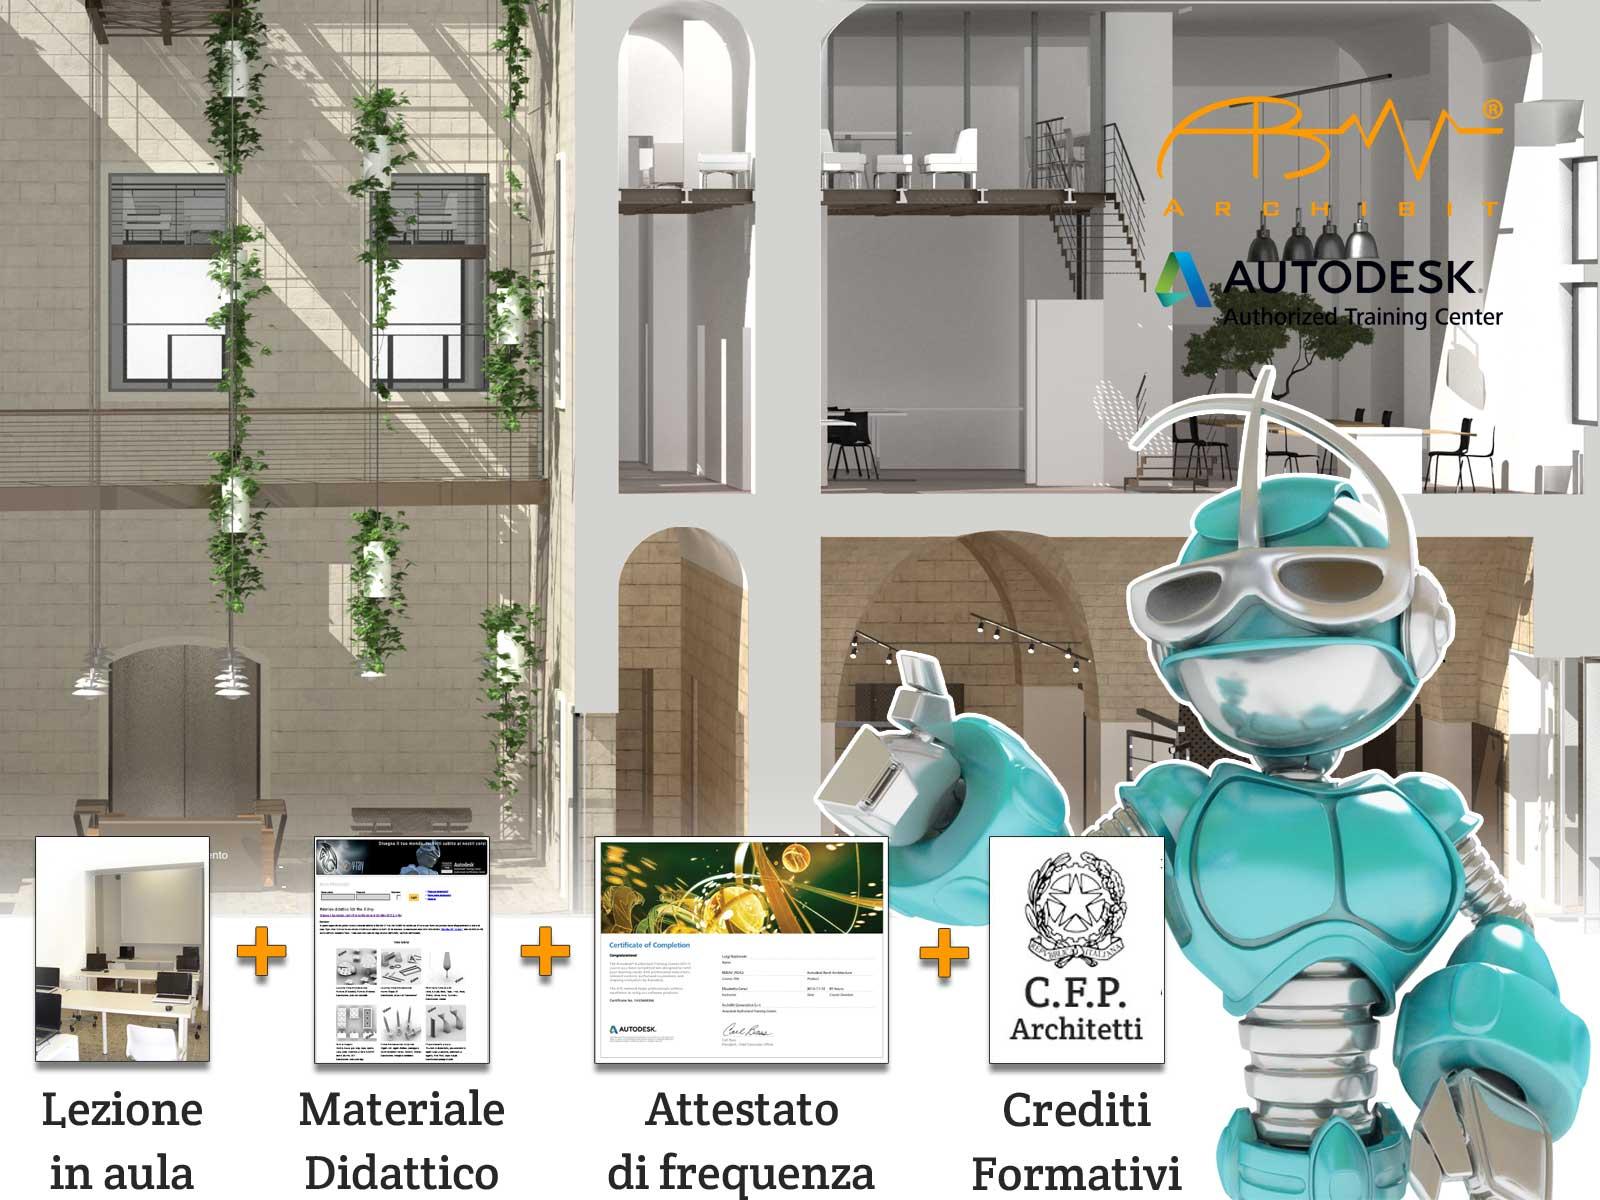 Corso Autodesk 3ds Max Archibit centro corsi formazione ufficiale autodesk bim modellazione e gragica 3d a roma